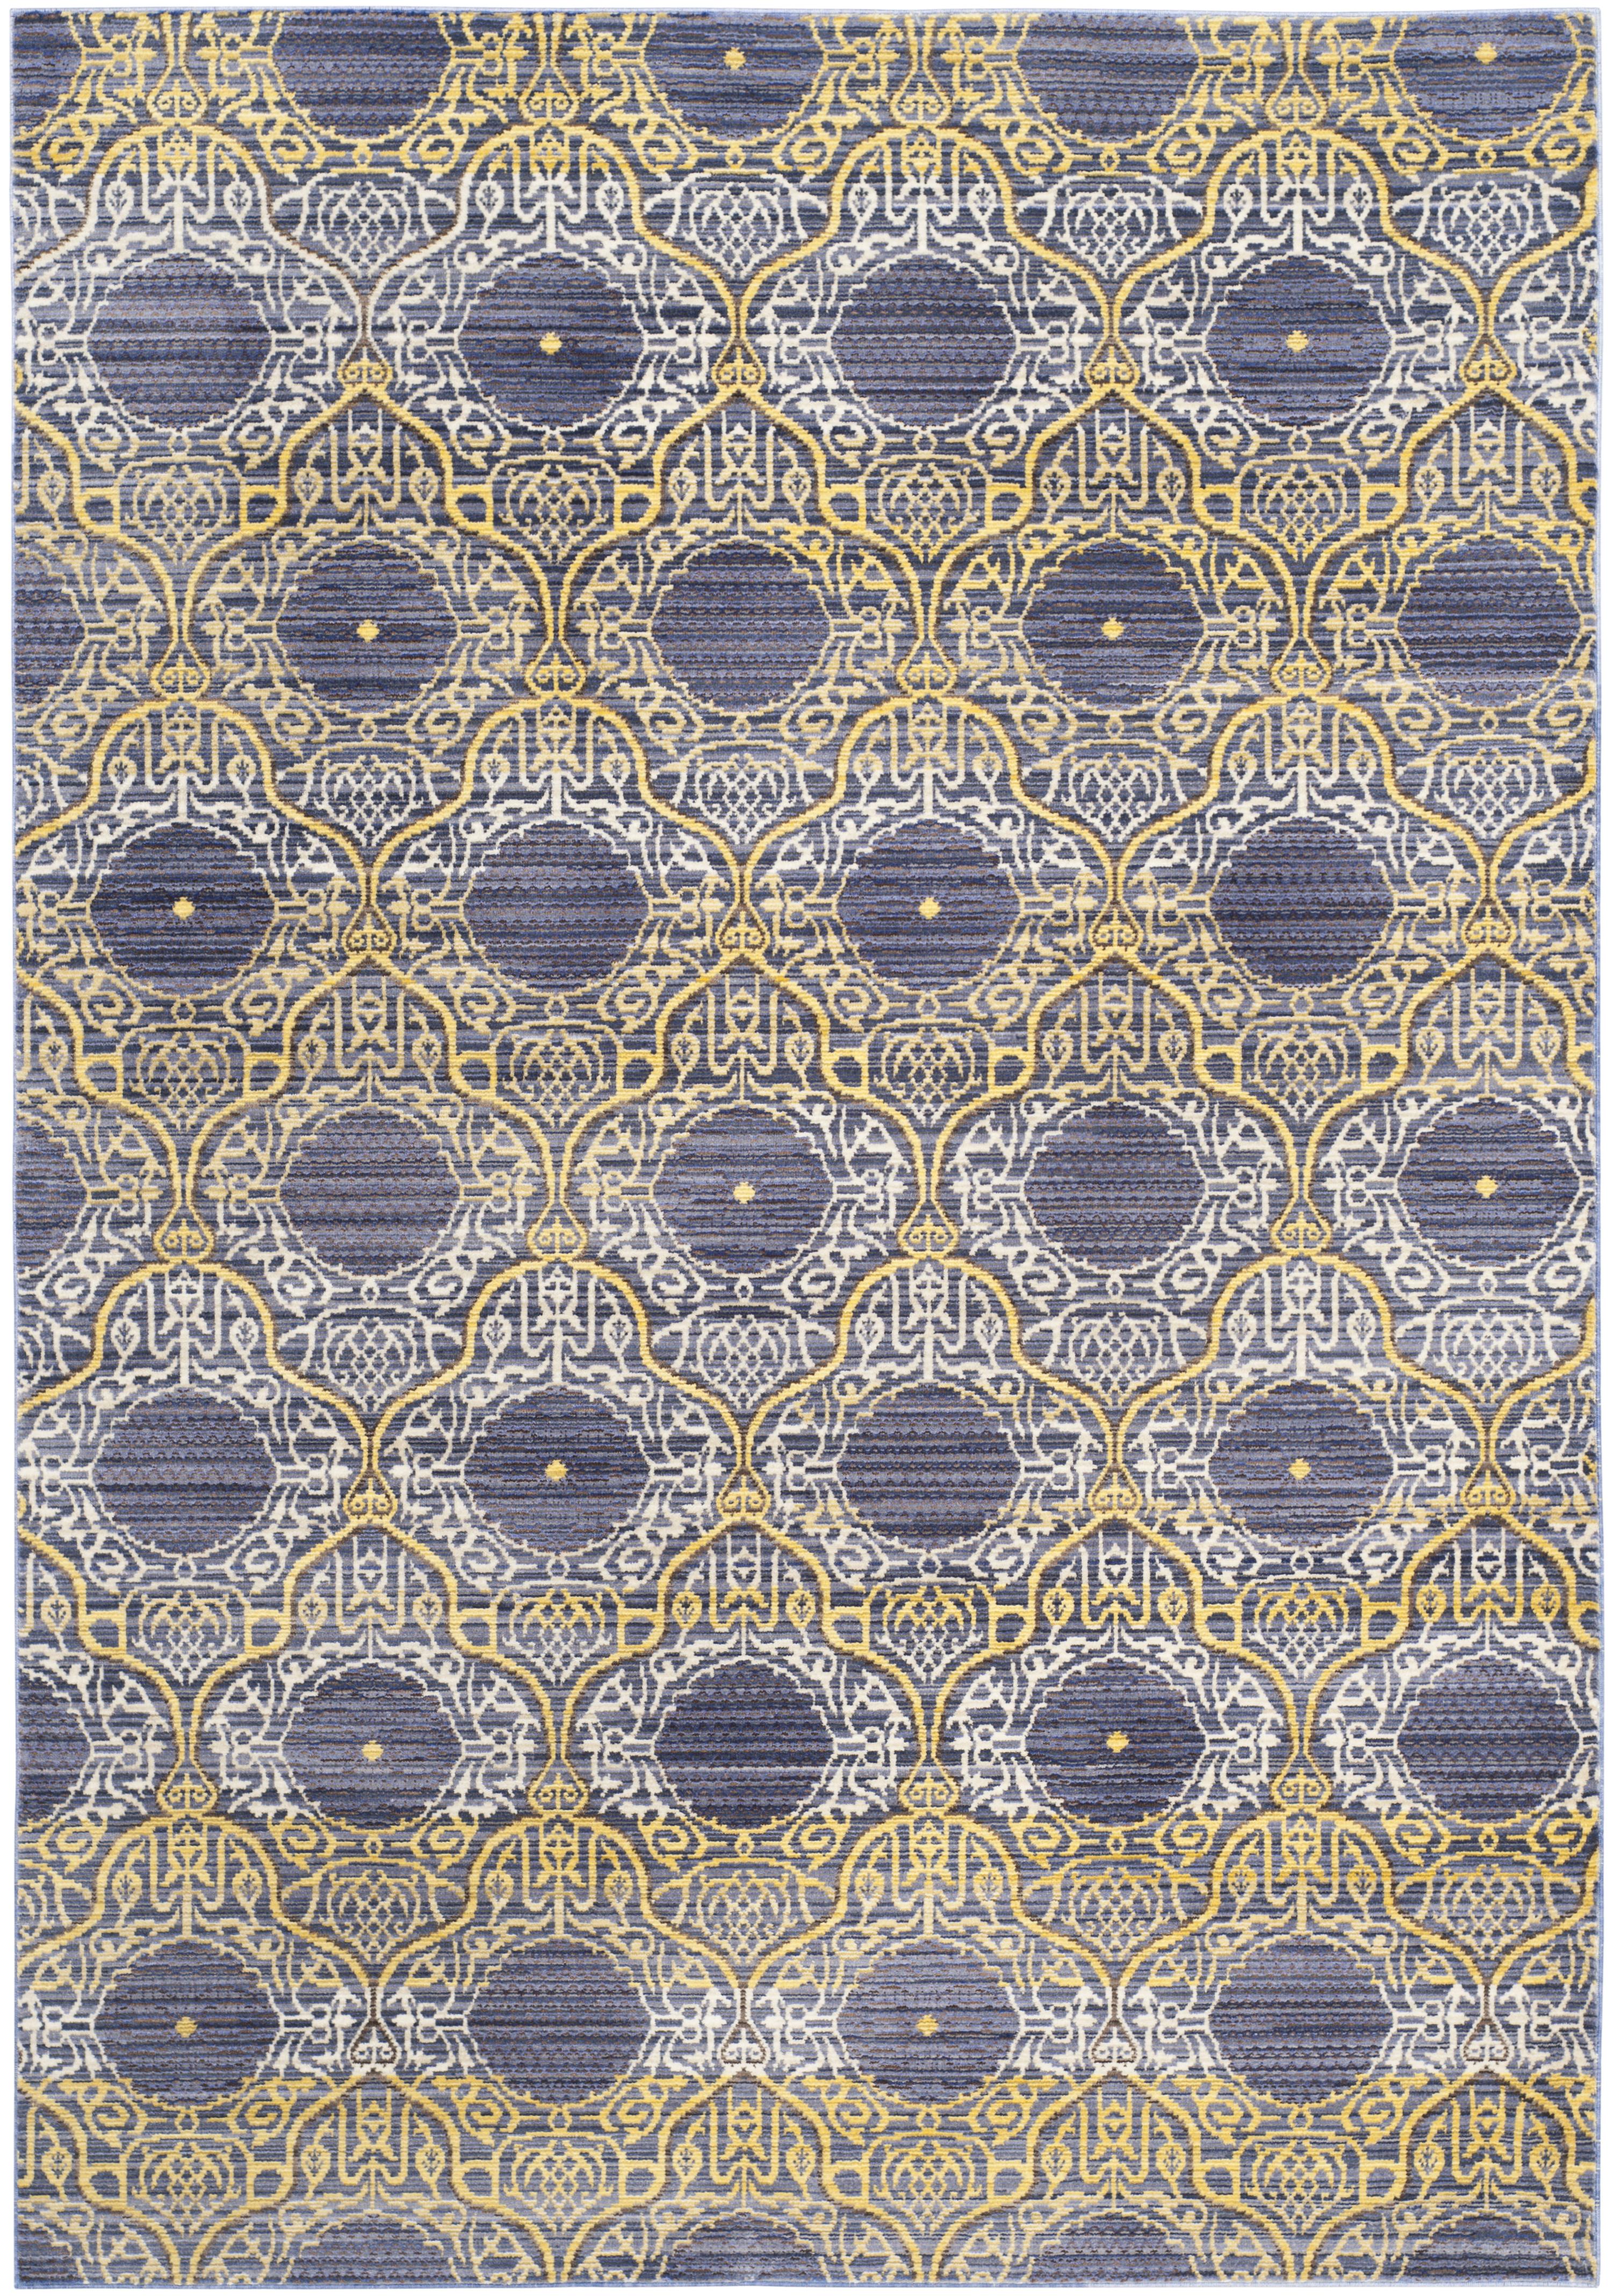 Tapis de salon d'inspiration vintage lavande et or 121x182